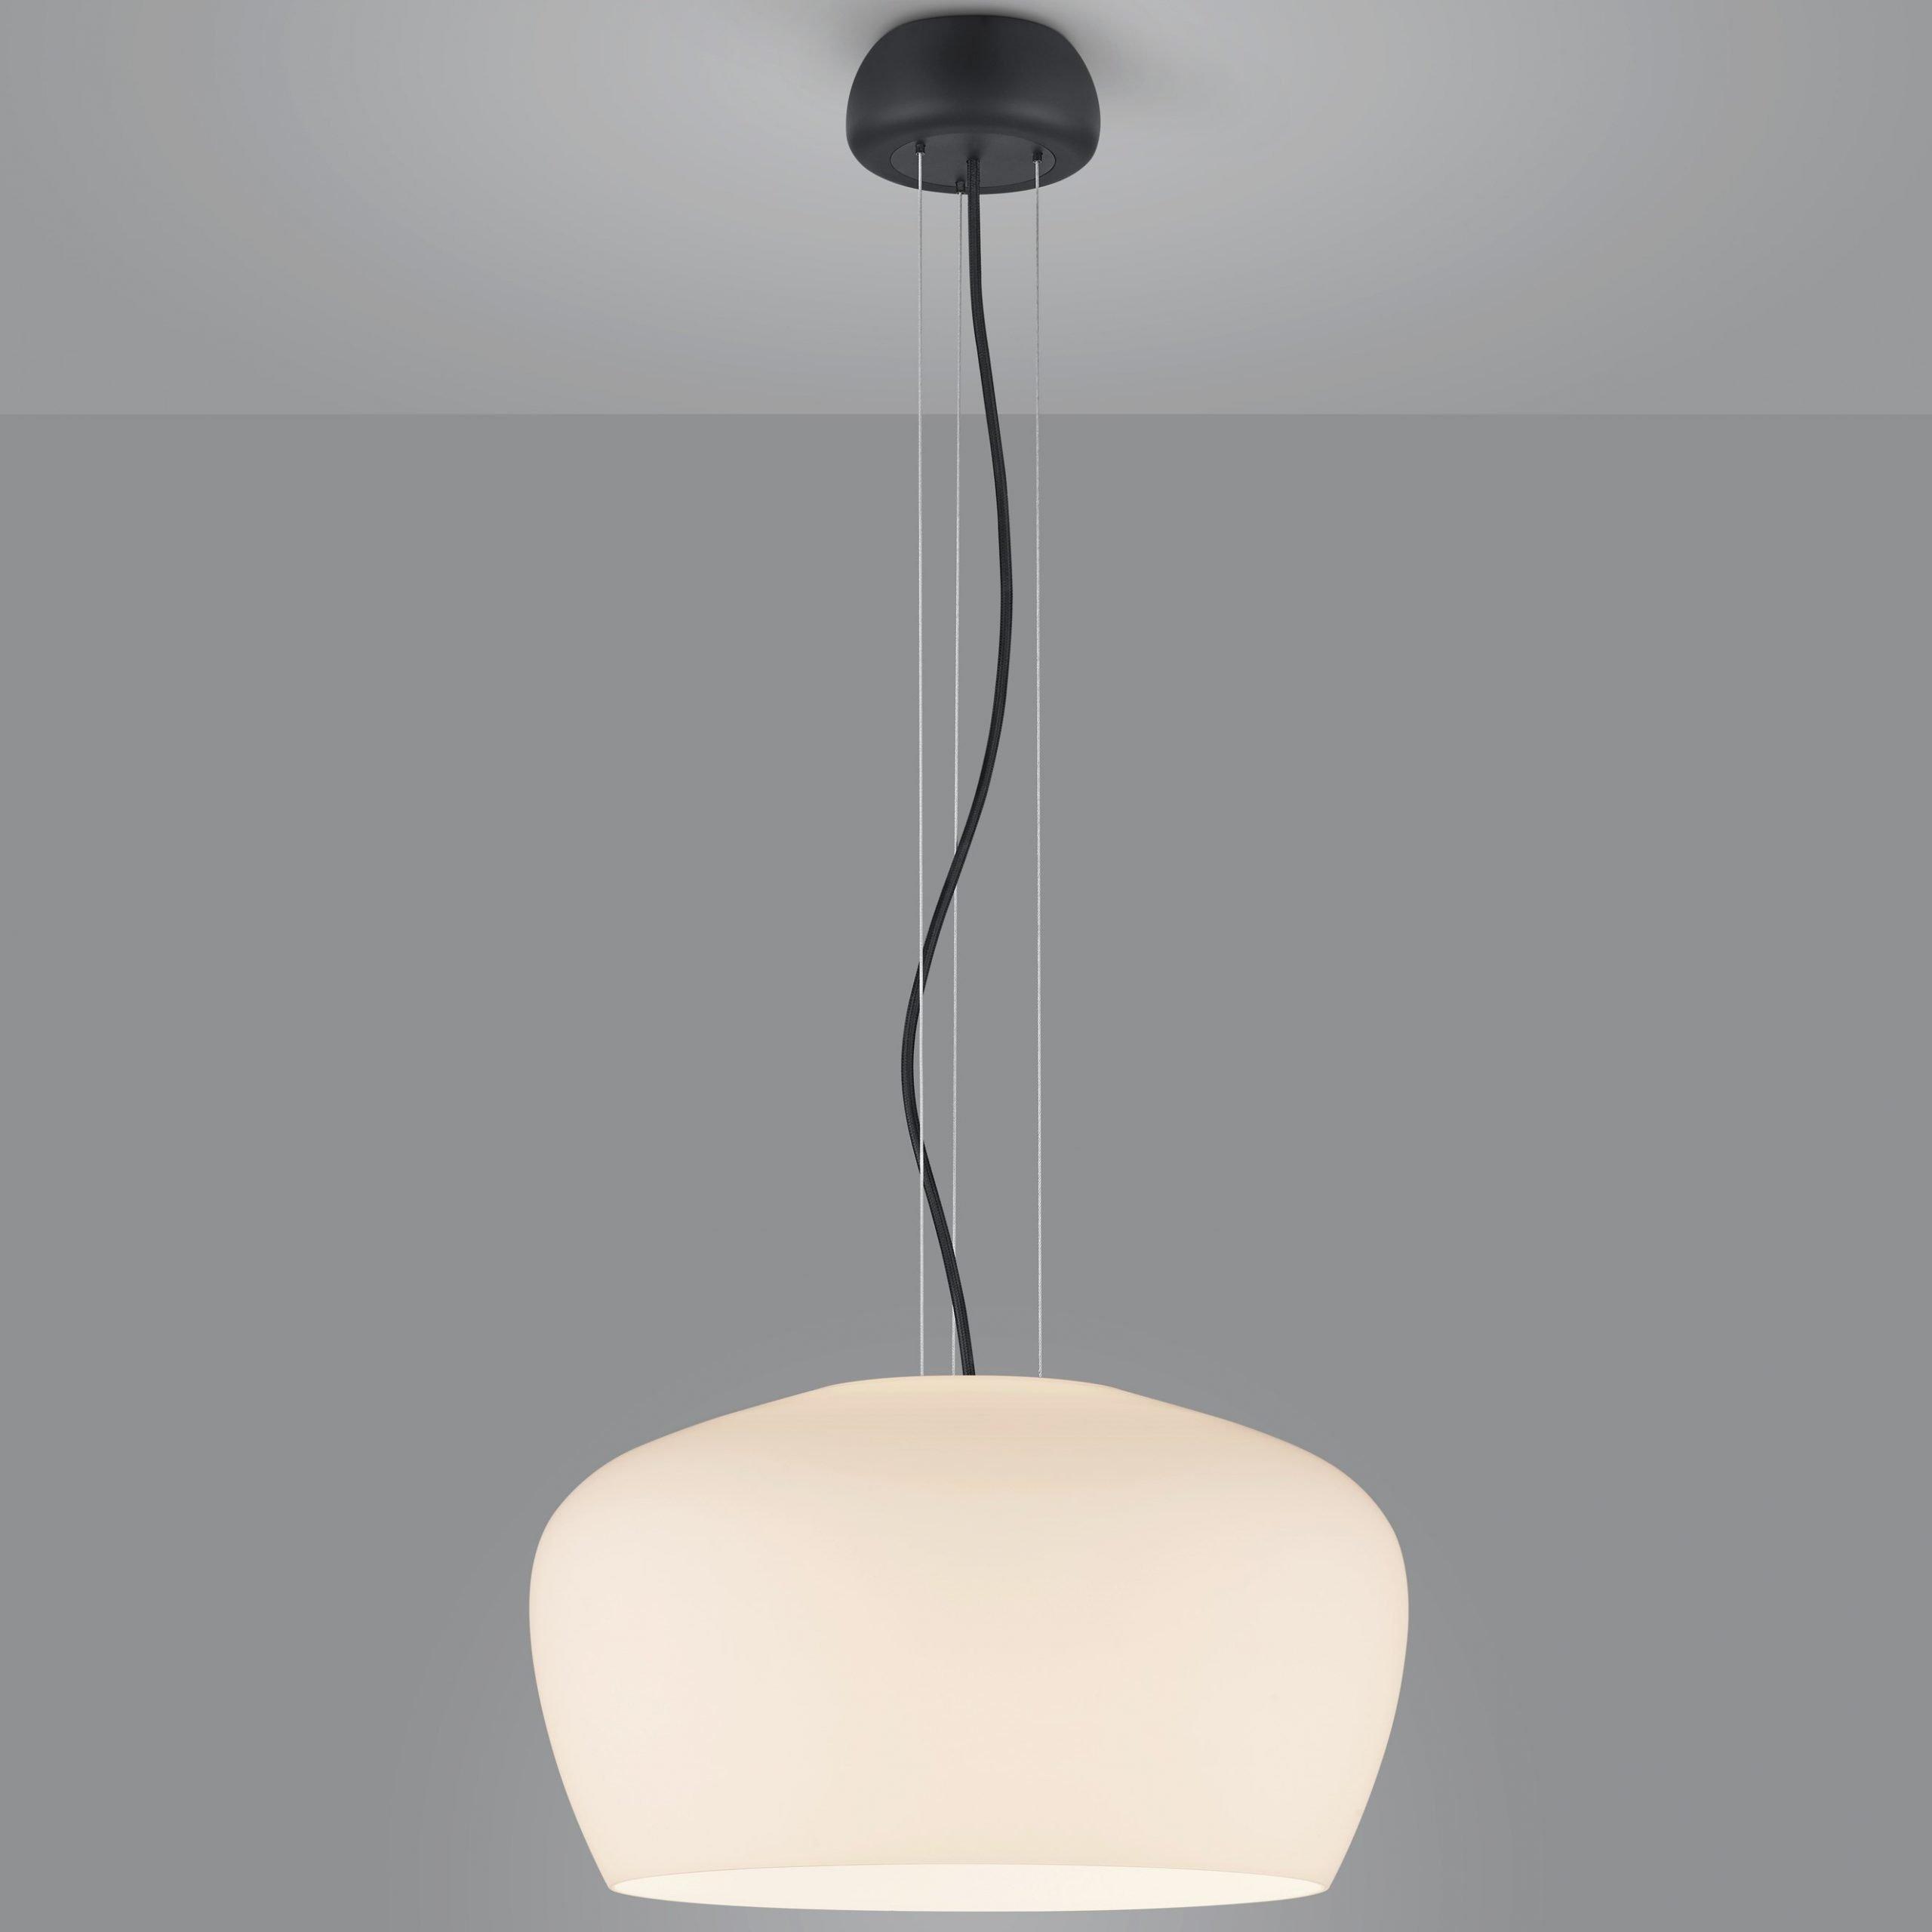 Hanglamp Helestra Veda Zwart Met Opaal Glas